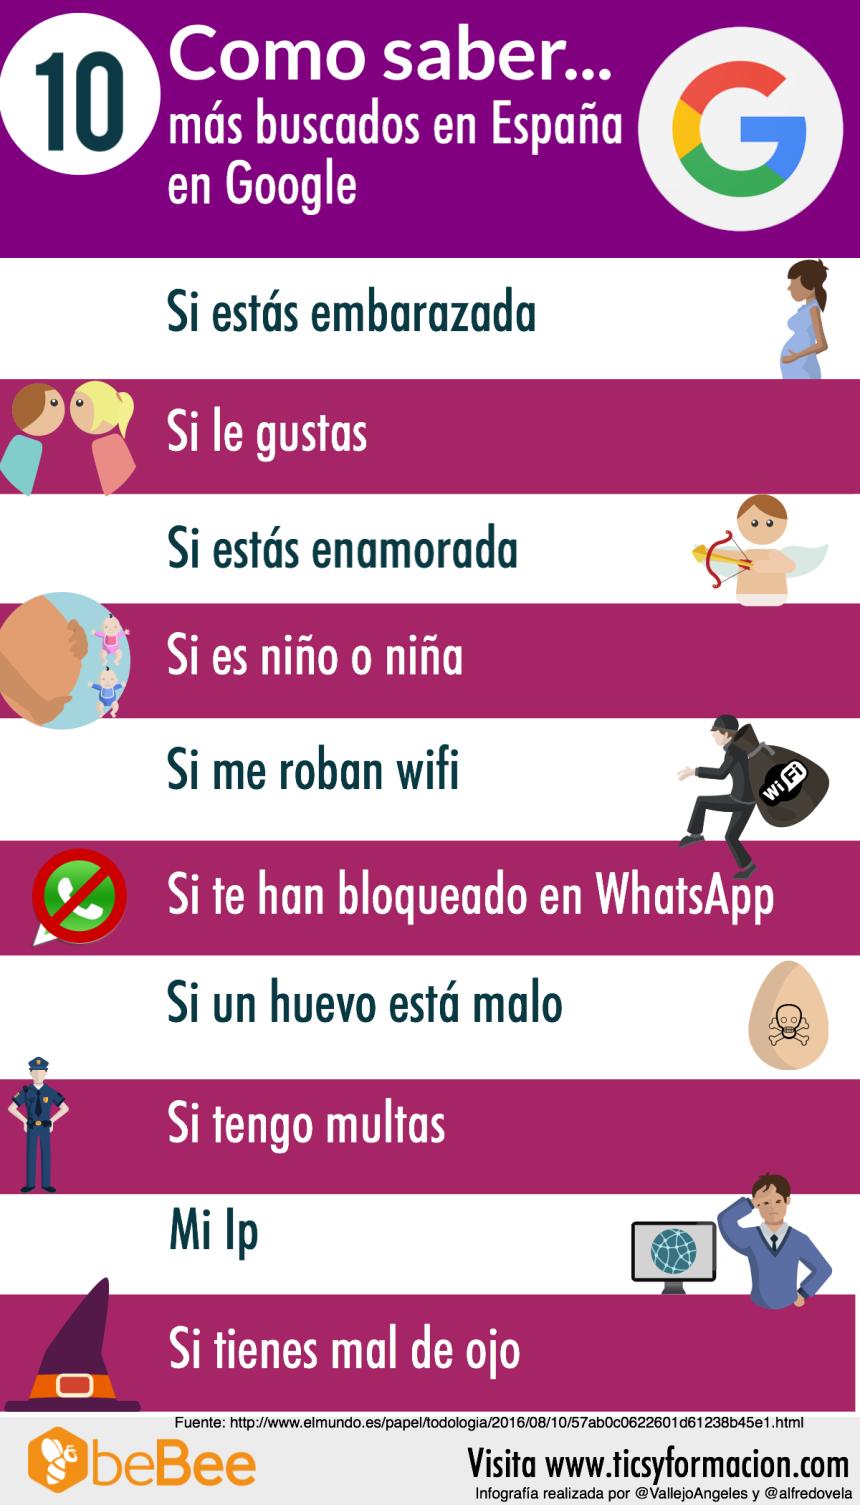 """Los 10 """"Cómo saber ..."""" más buscados en Google en España"""